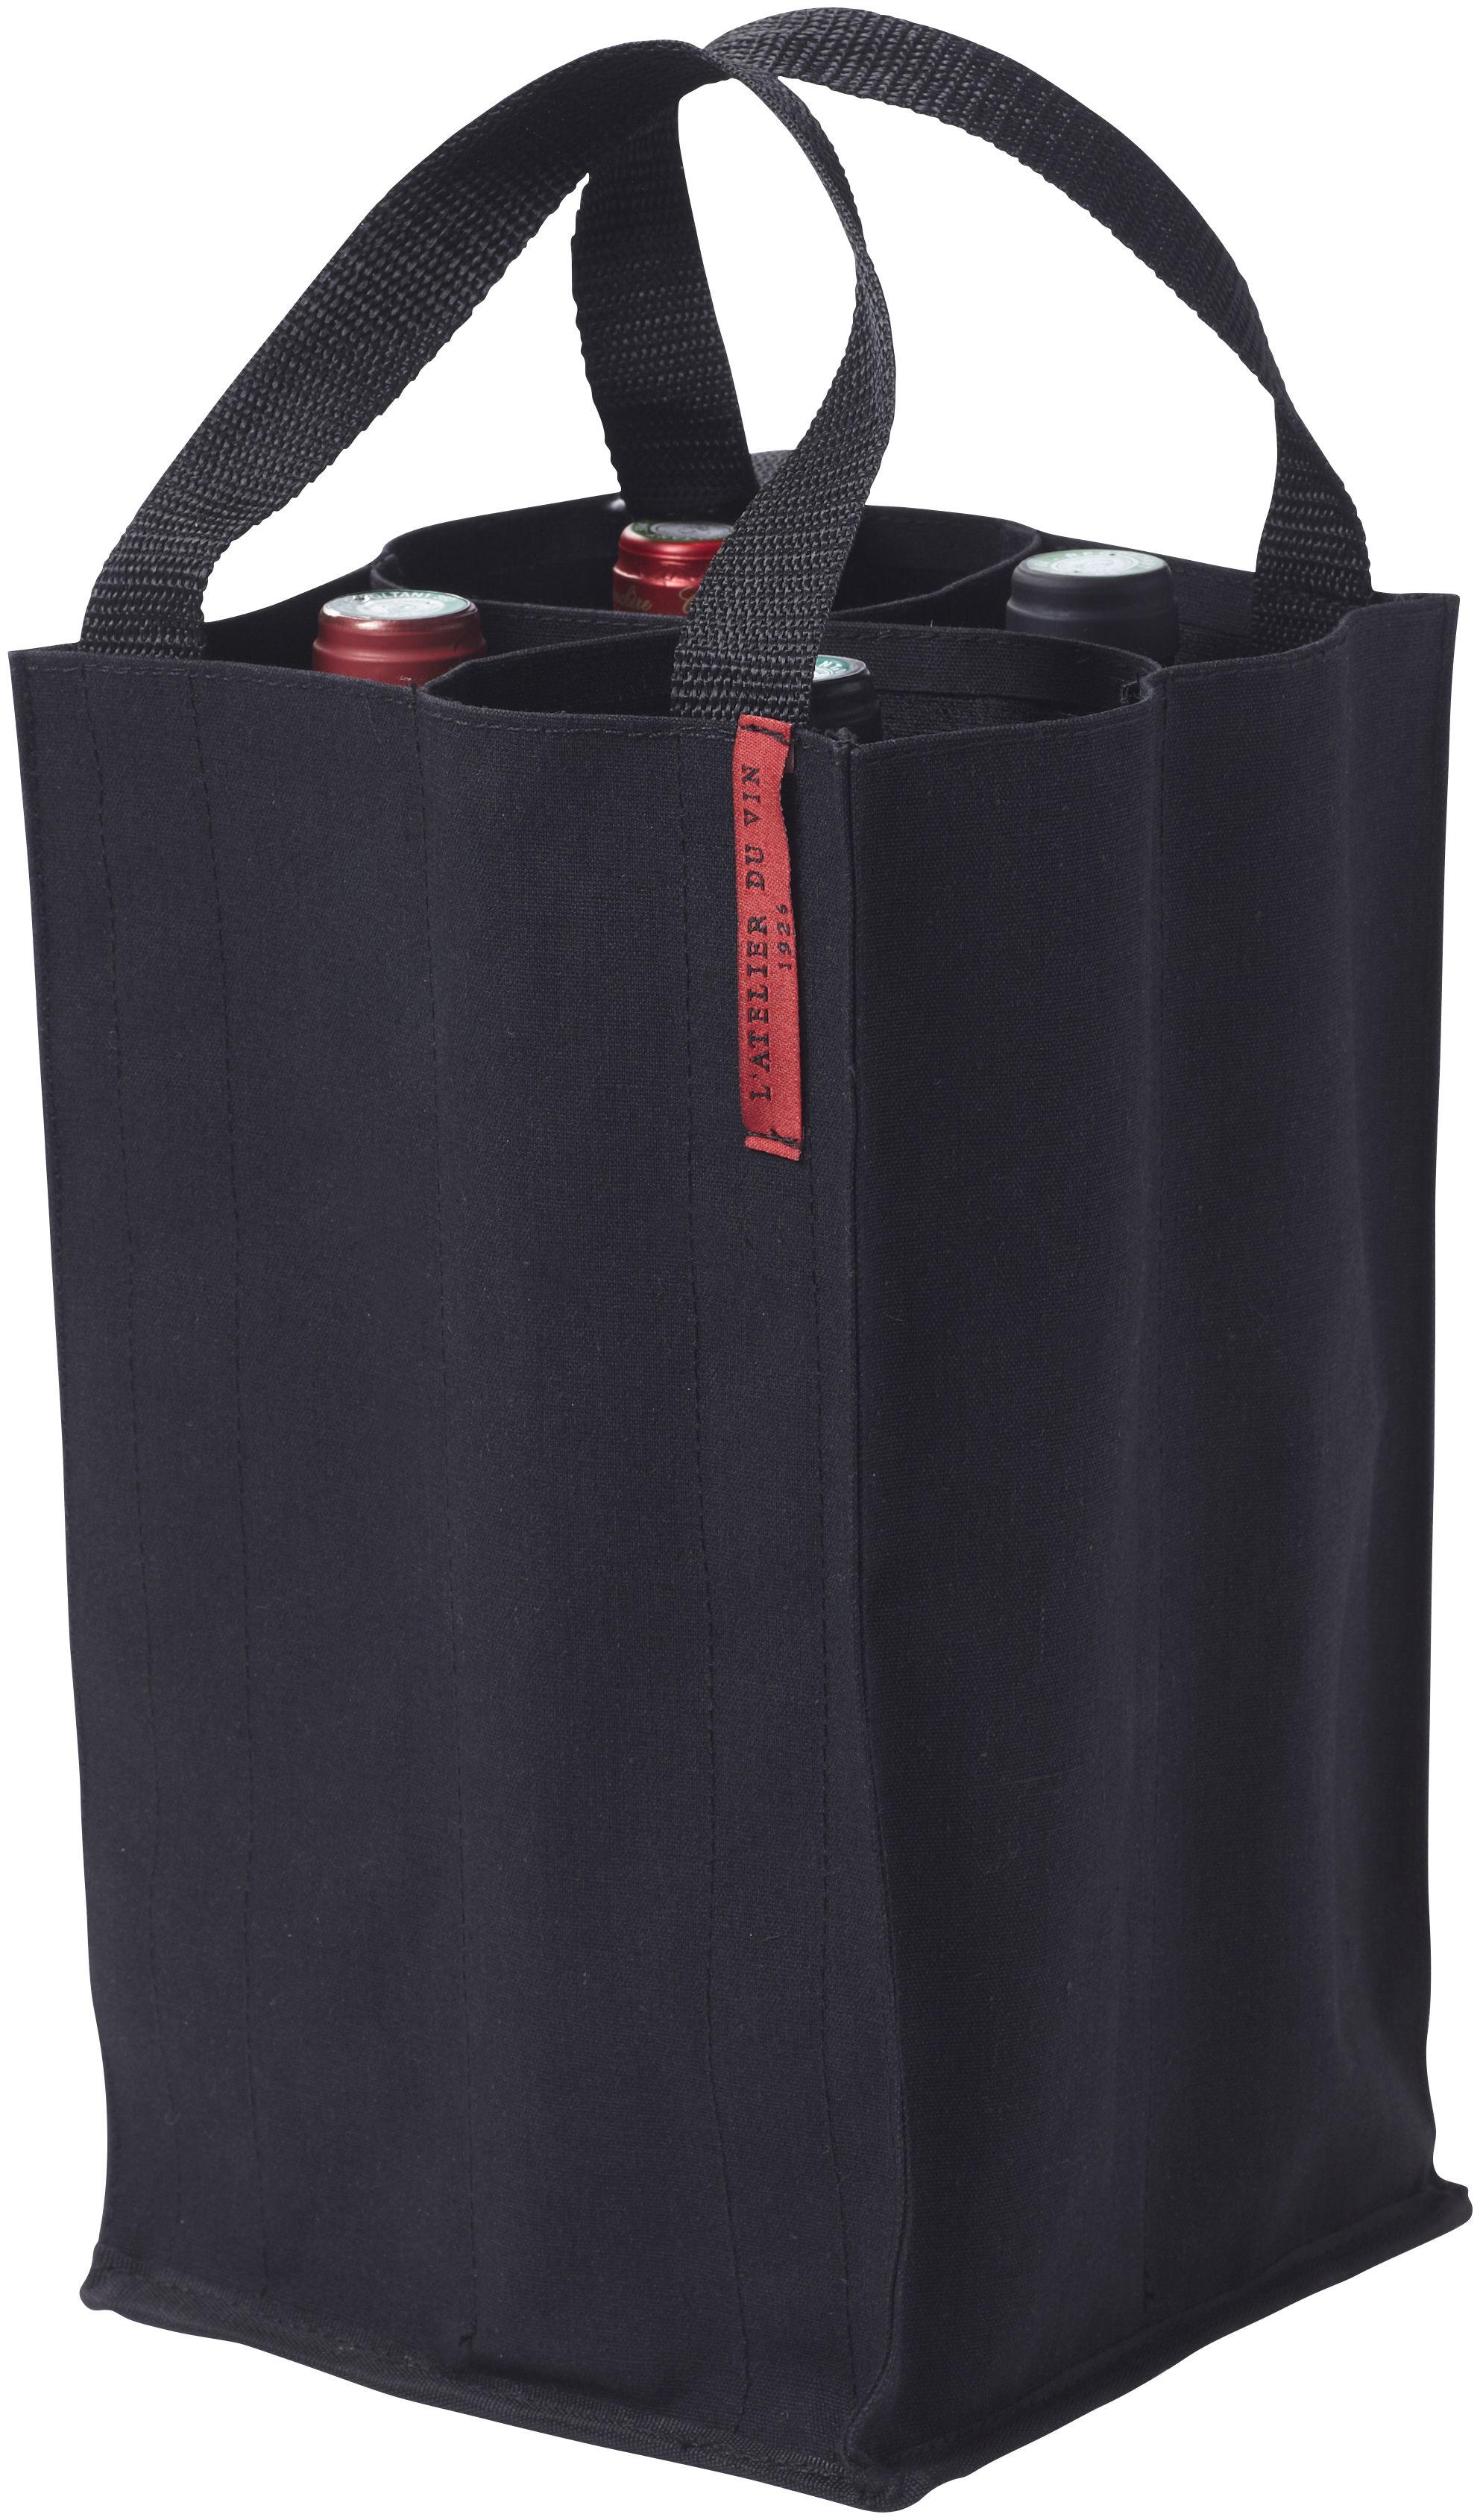 sac soft baladeur pour 4 bouteilles l 39 atelier du vin noir. Black Bedroom Furniture Sets. Home Design Ideas